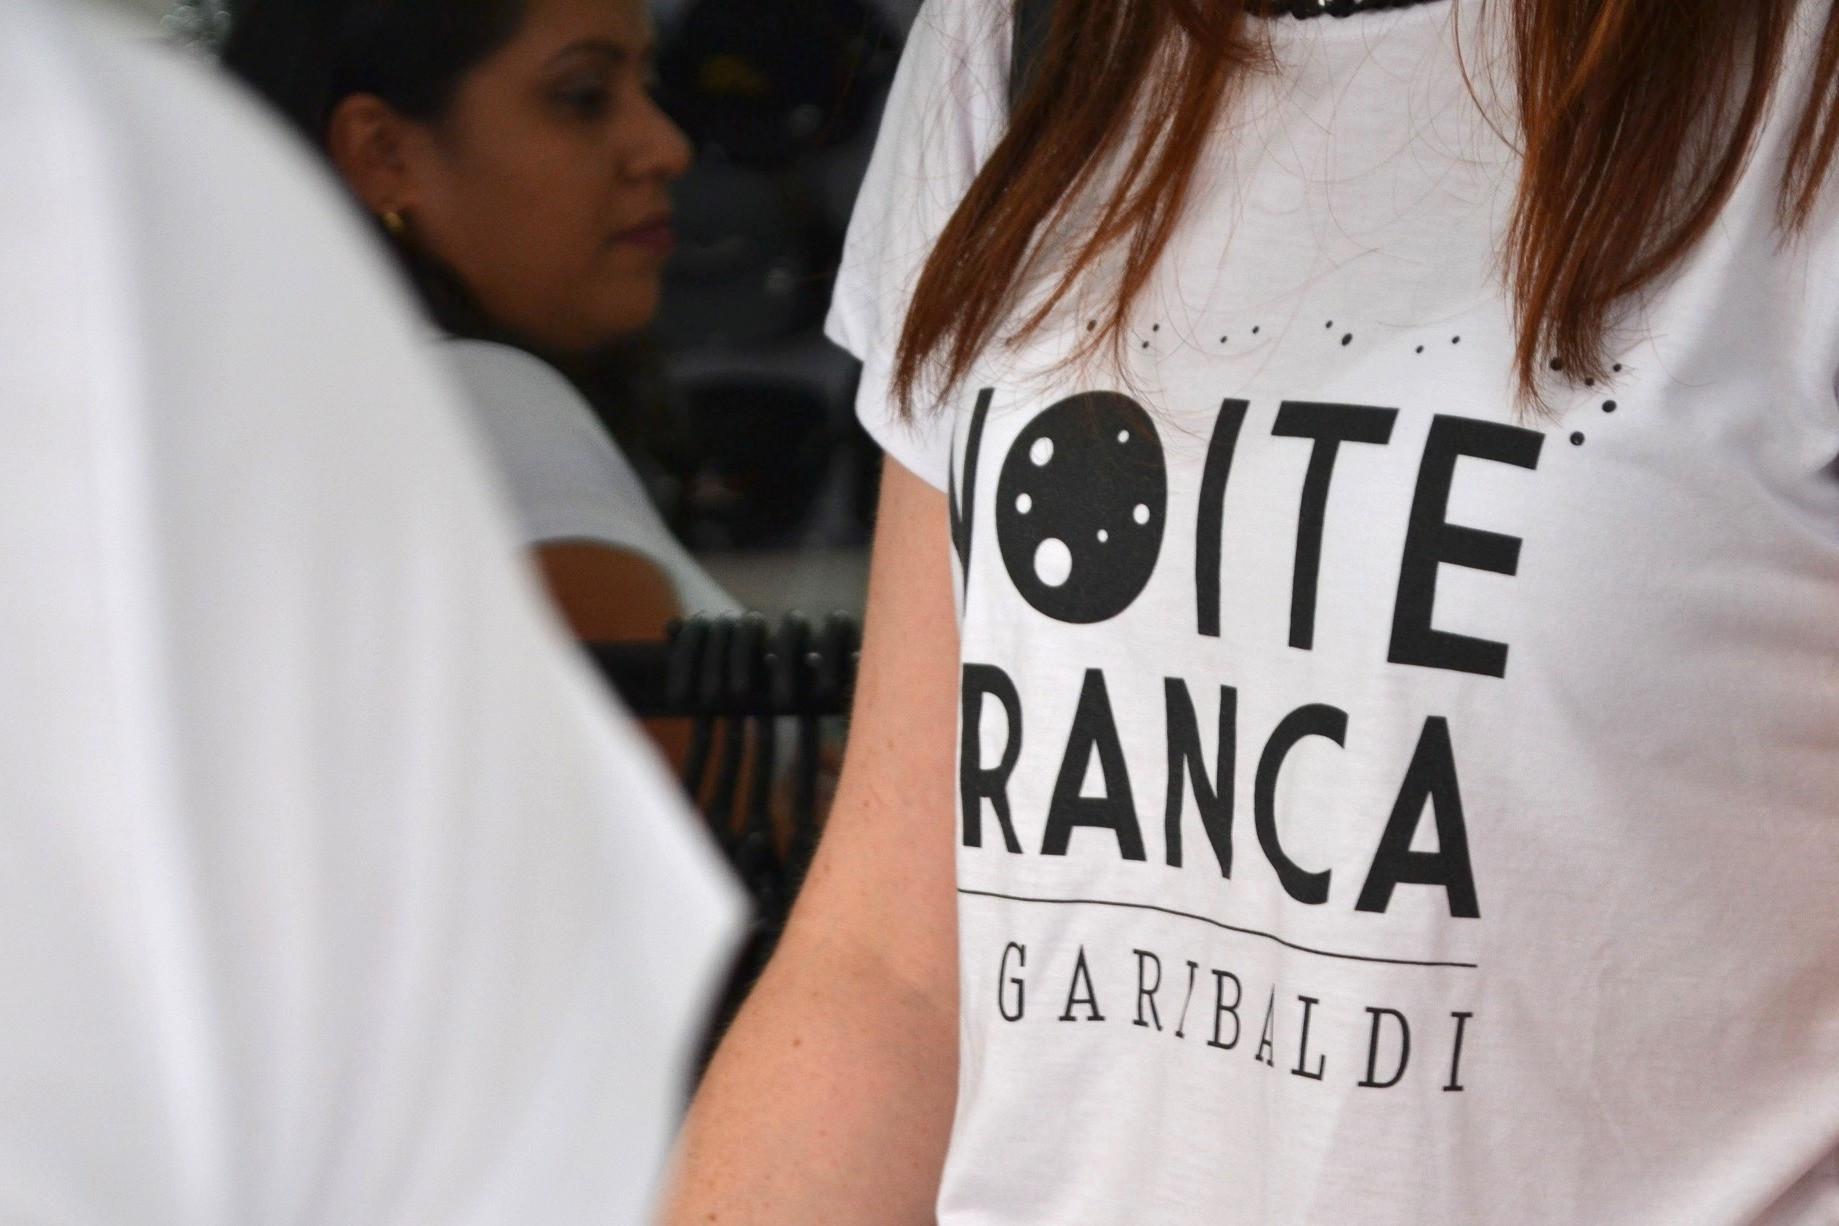 Foto Noite Branca chega ao número inédito de 100 lojas participantes